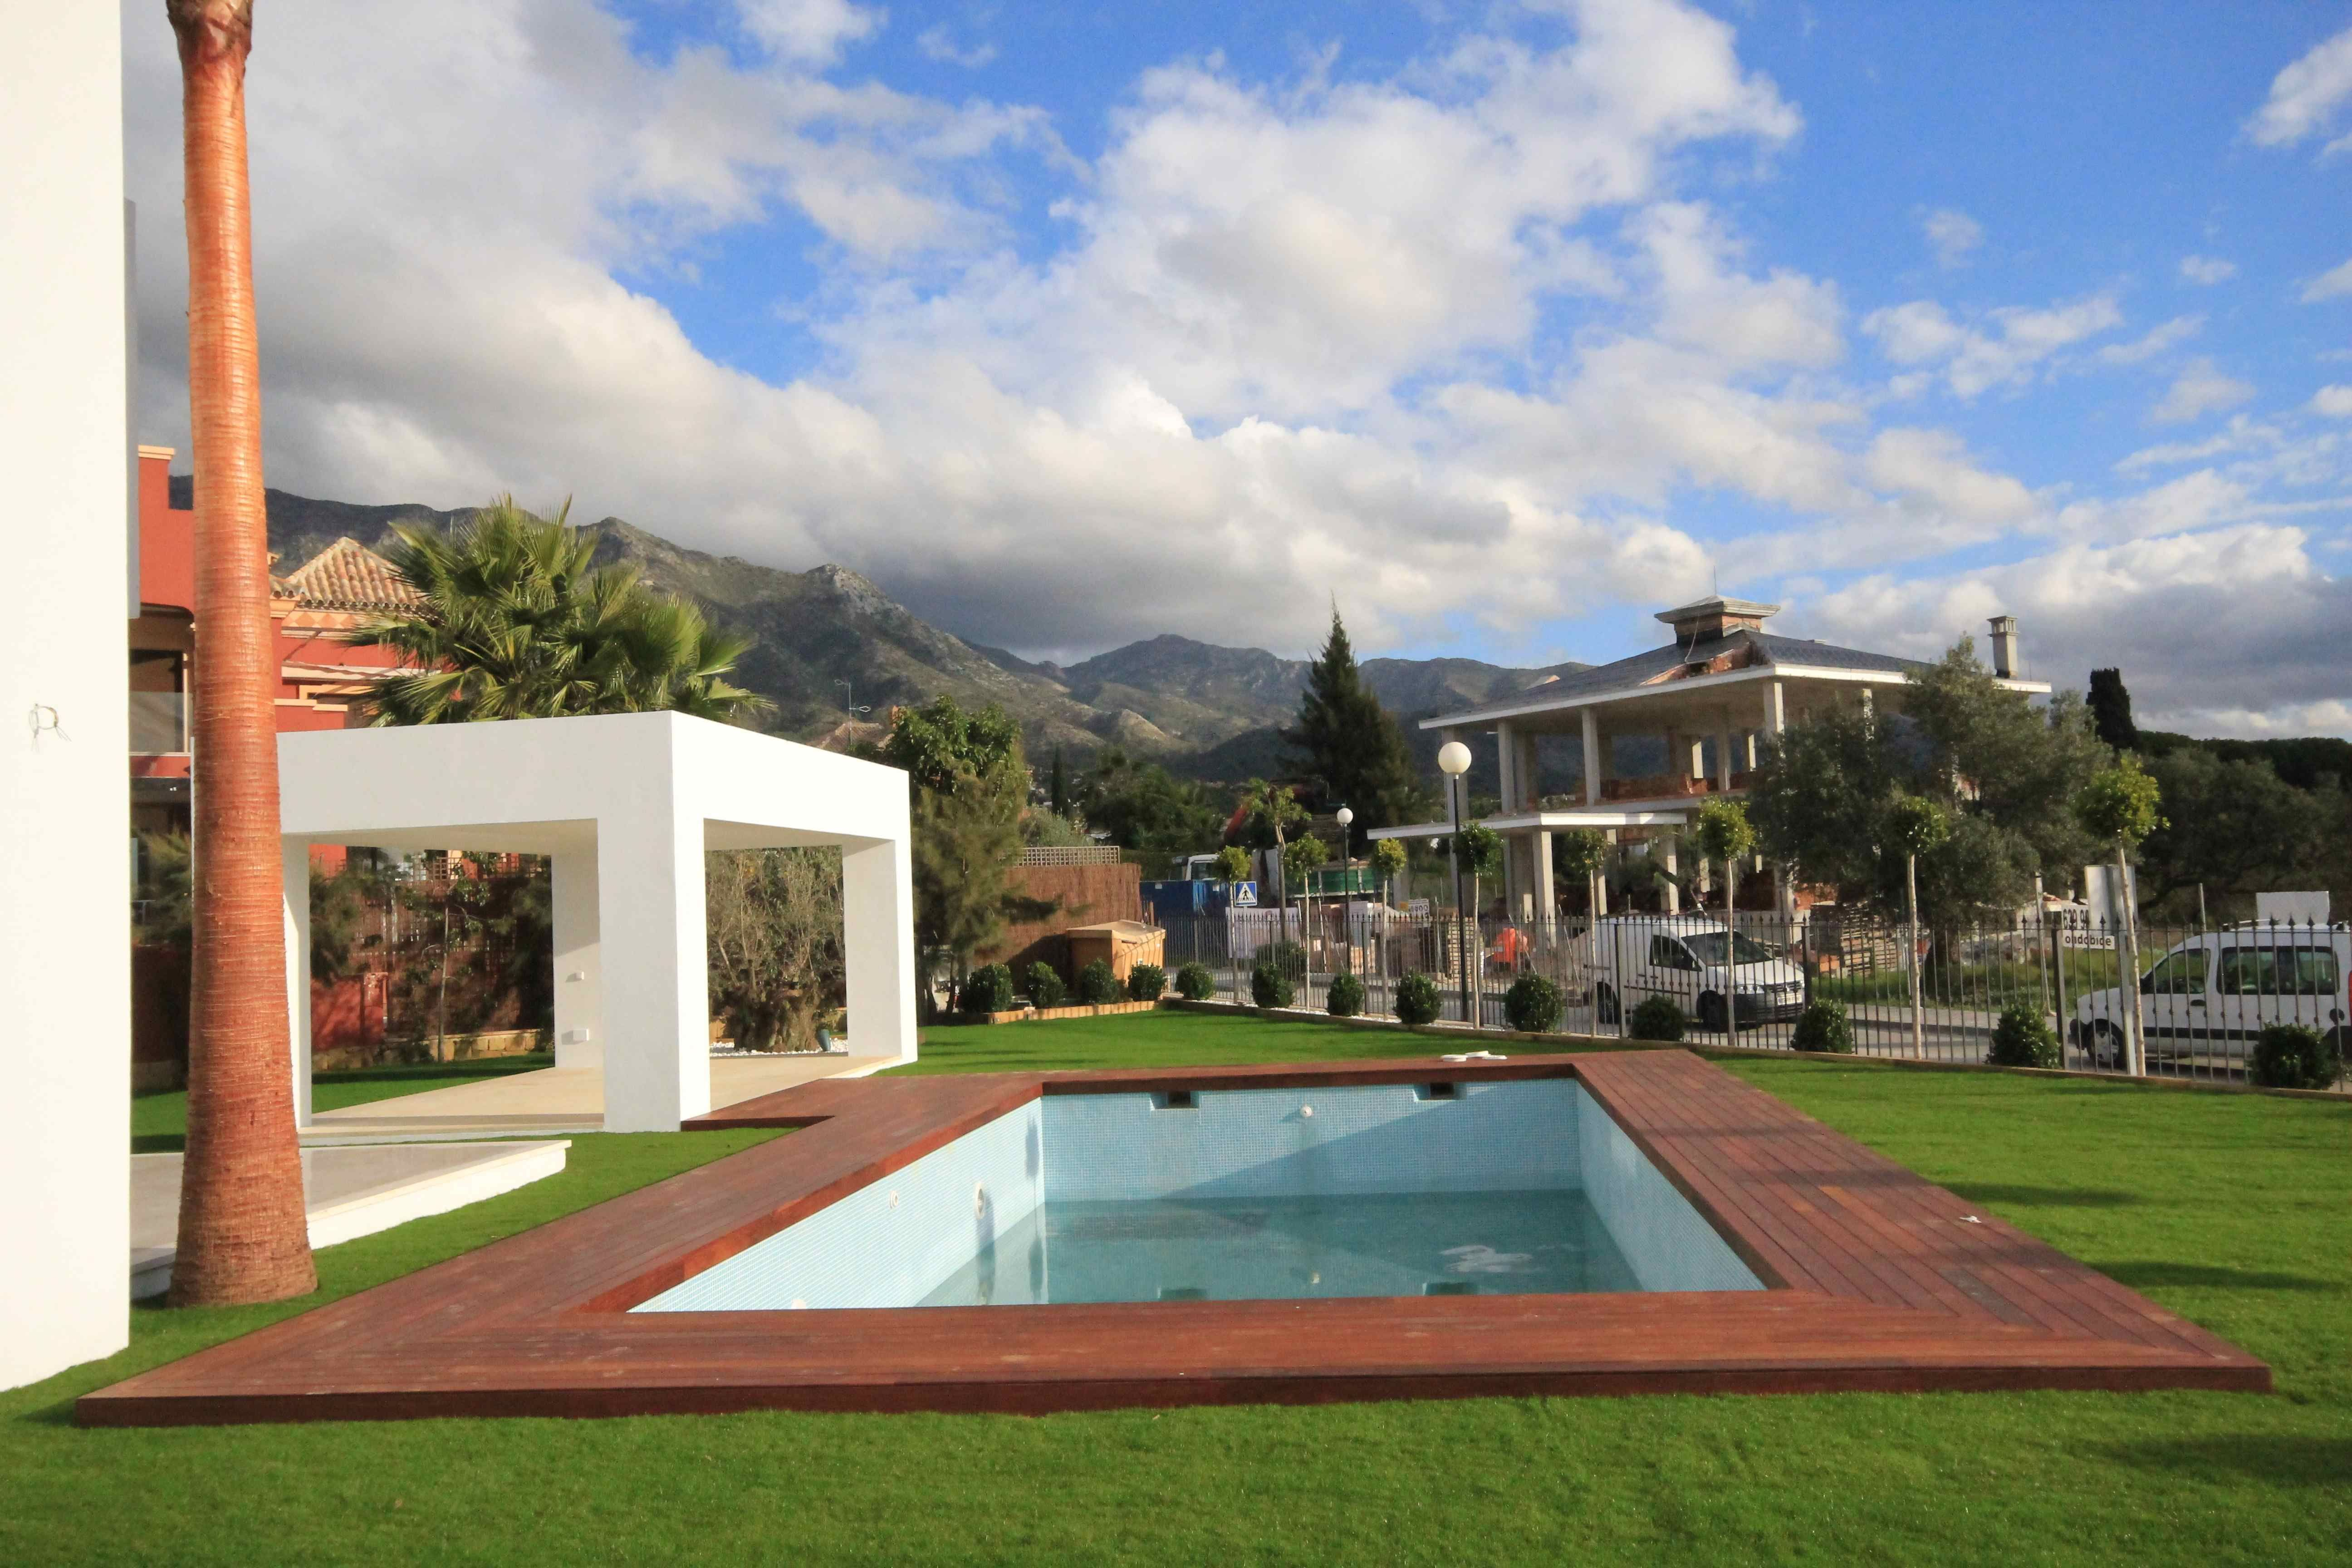 piscina, tarima exterior y césped artificial se acerca el